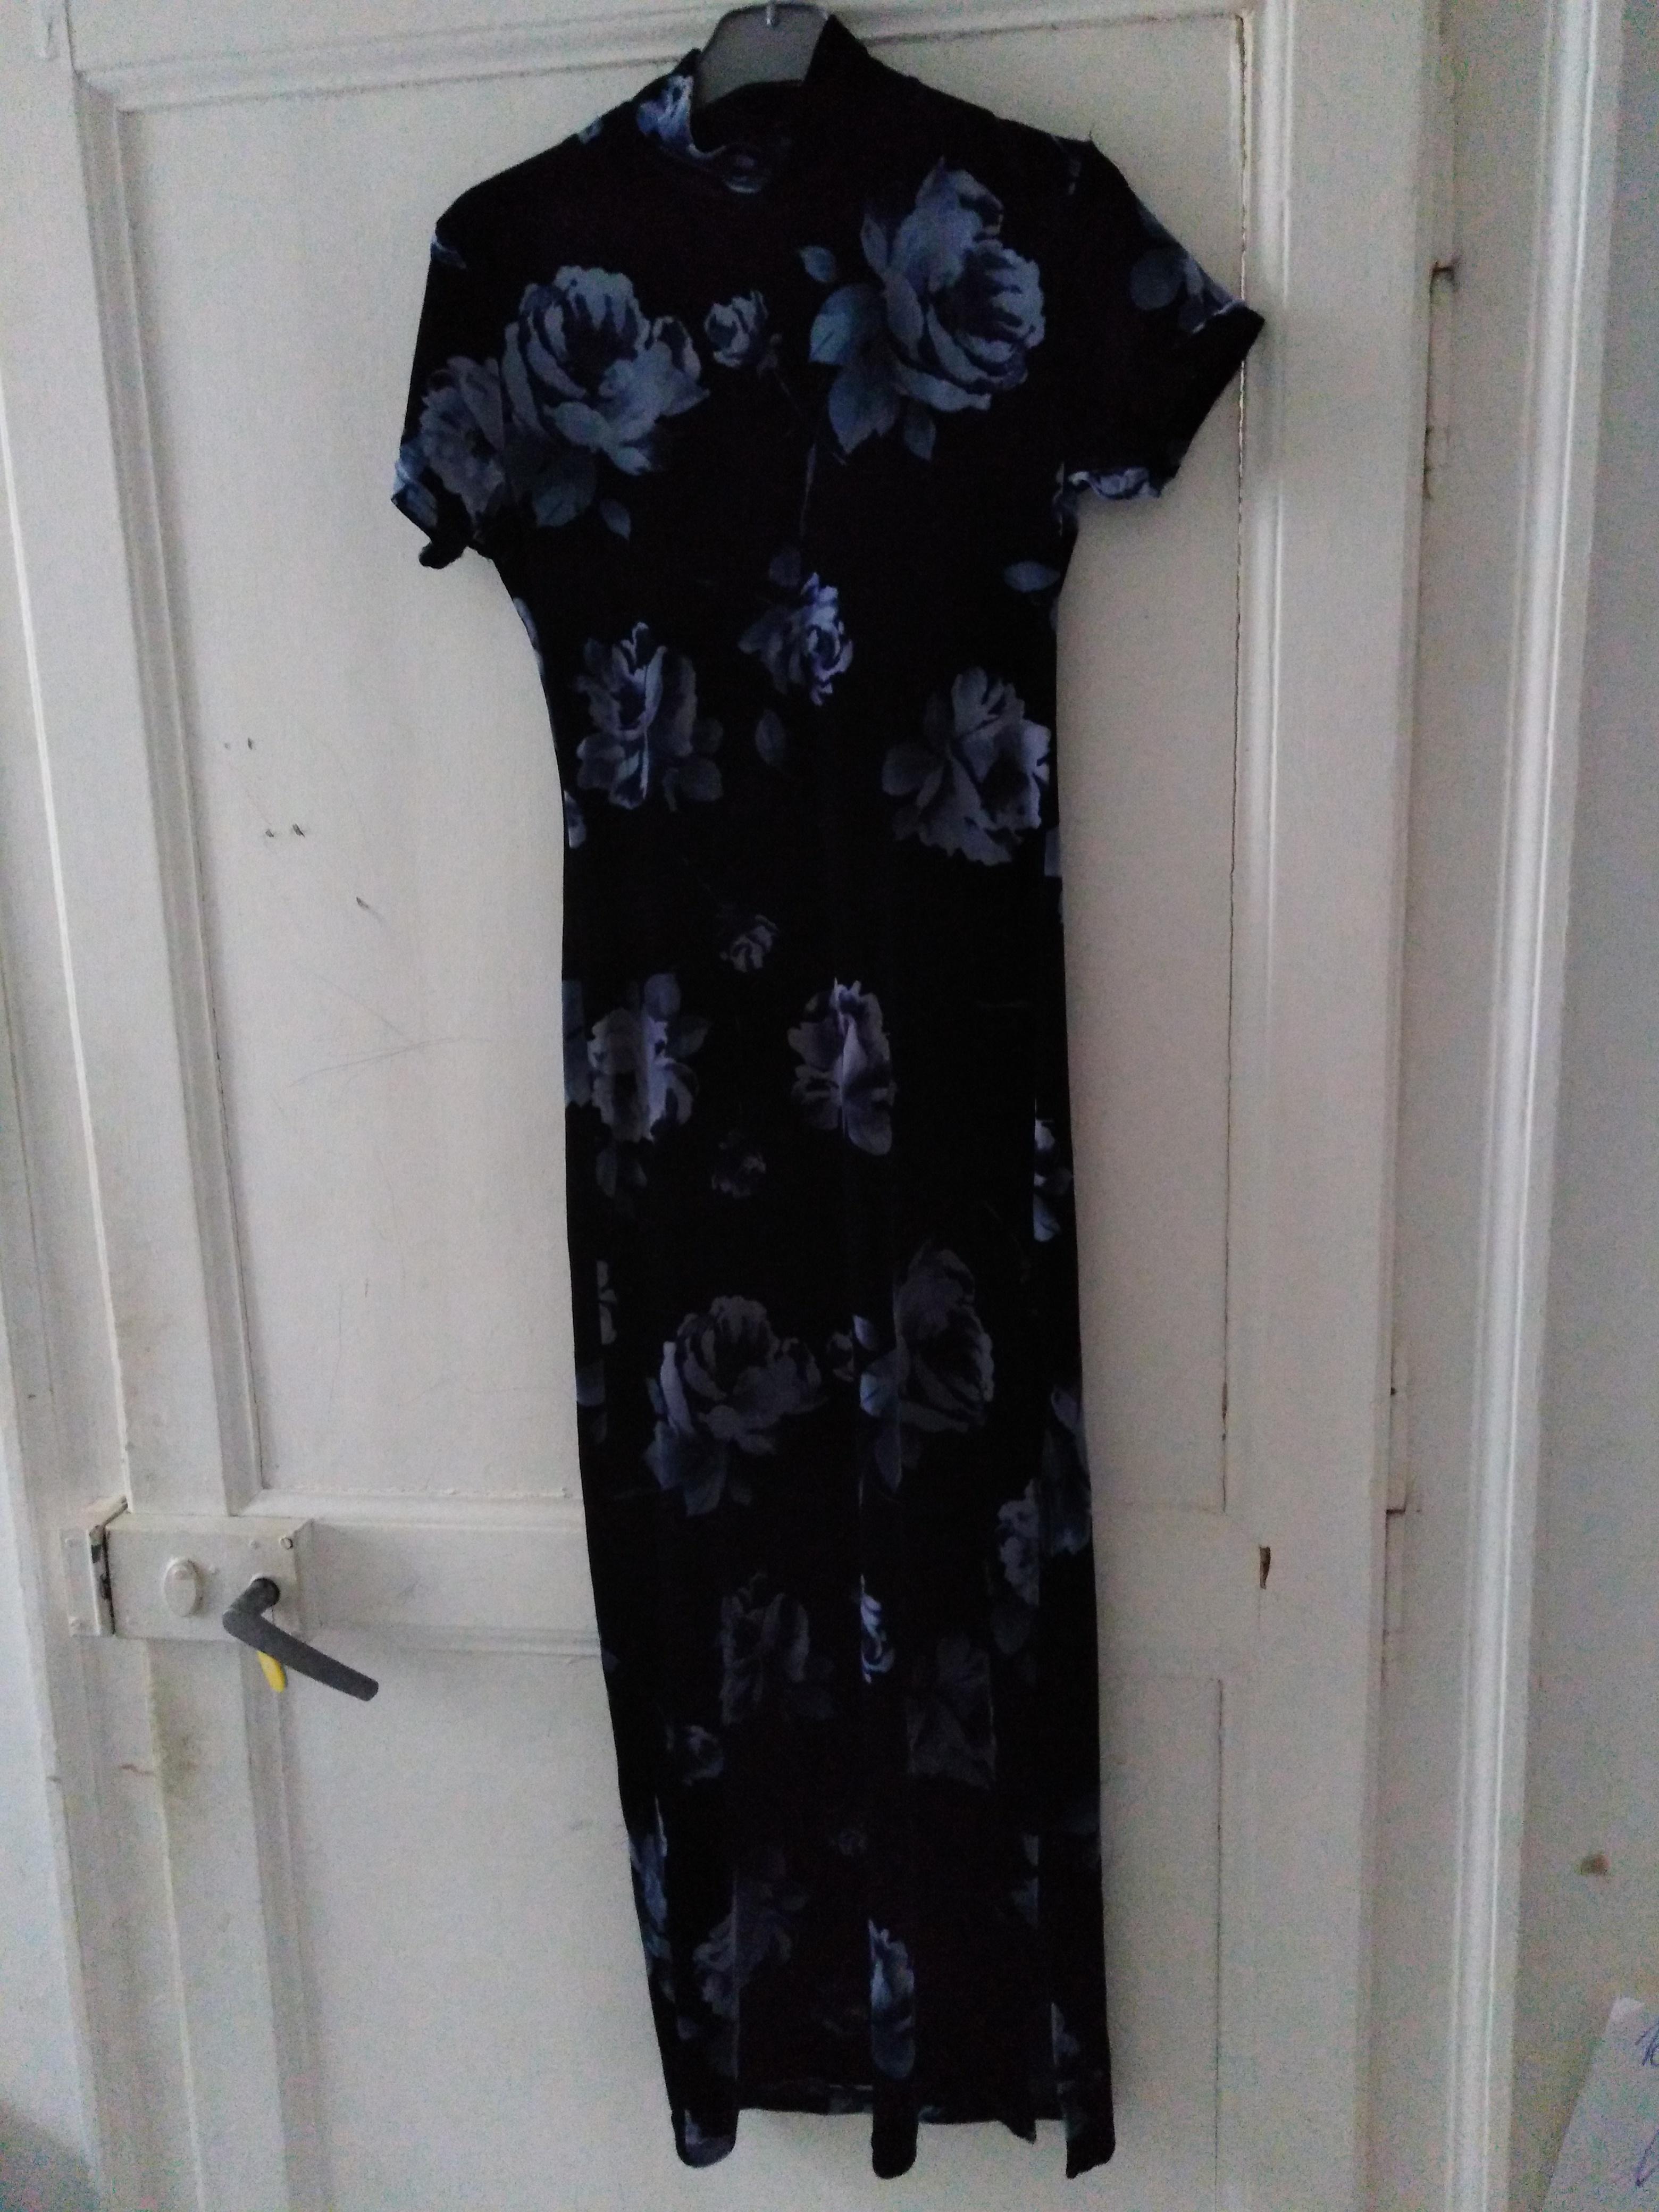 troc de troc très belle robe en velours neuf taille 38 image 0